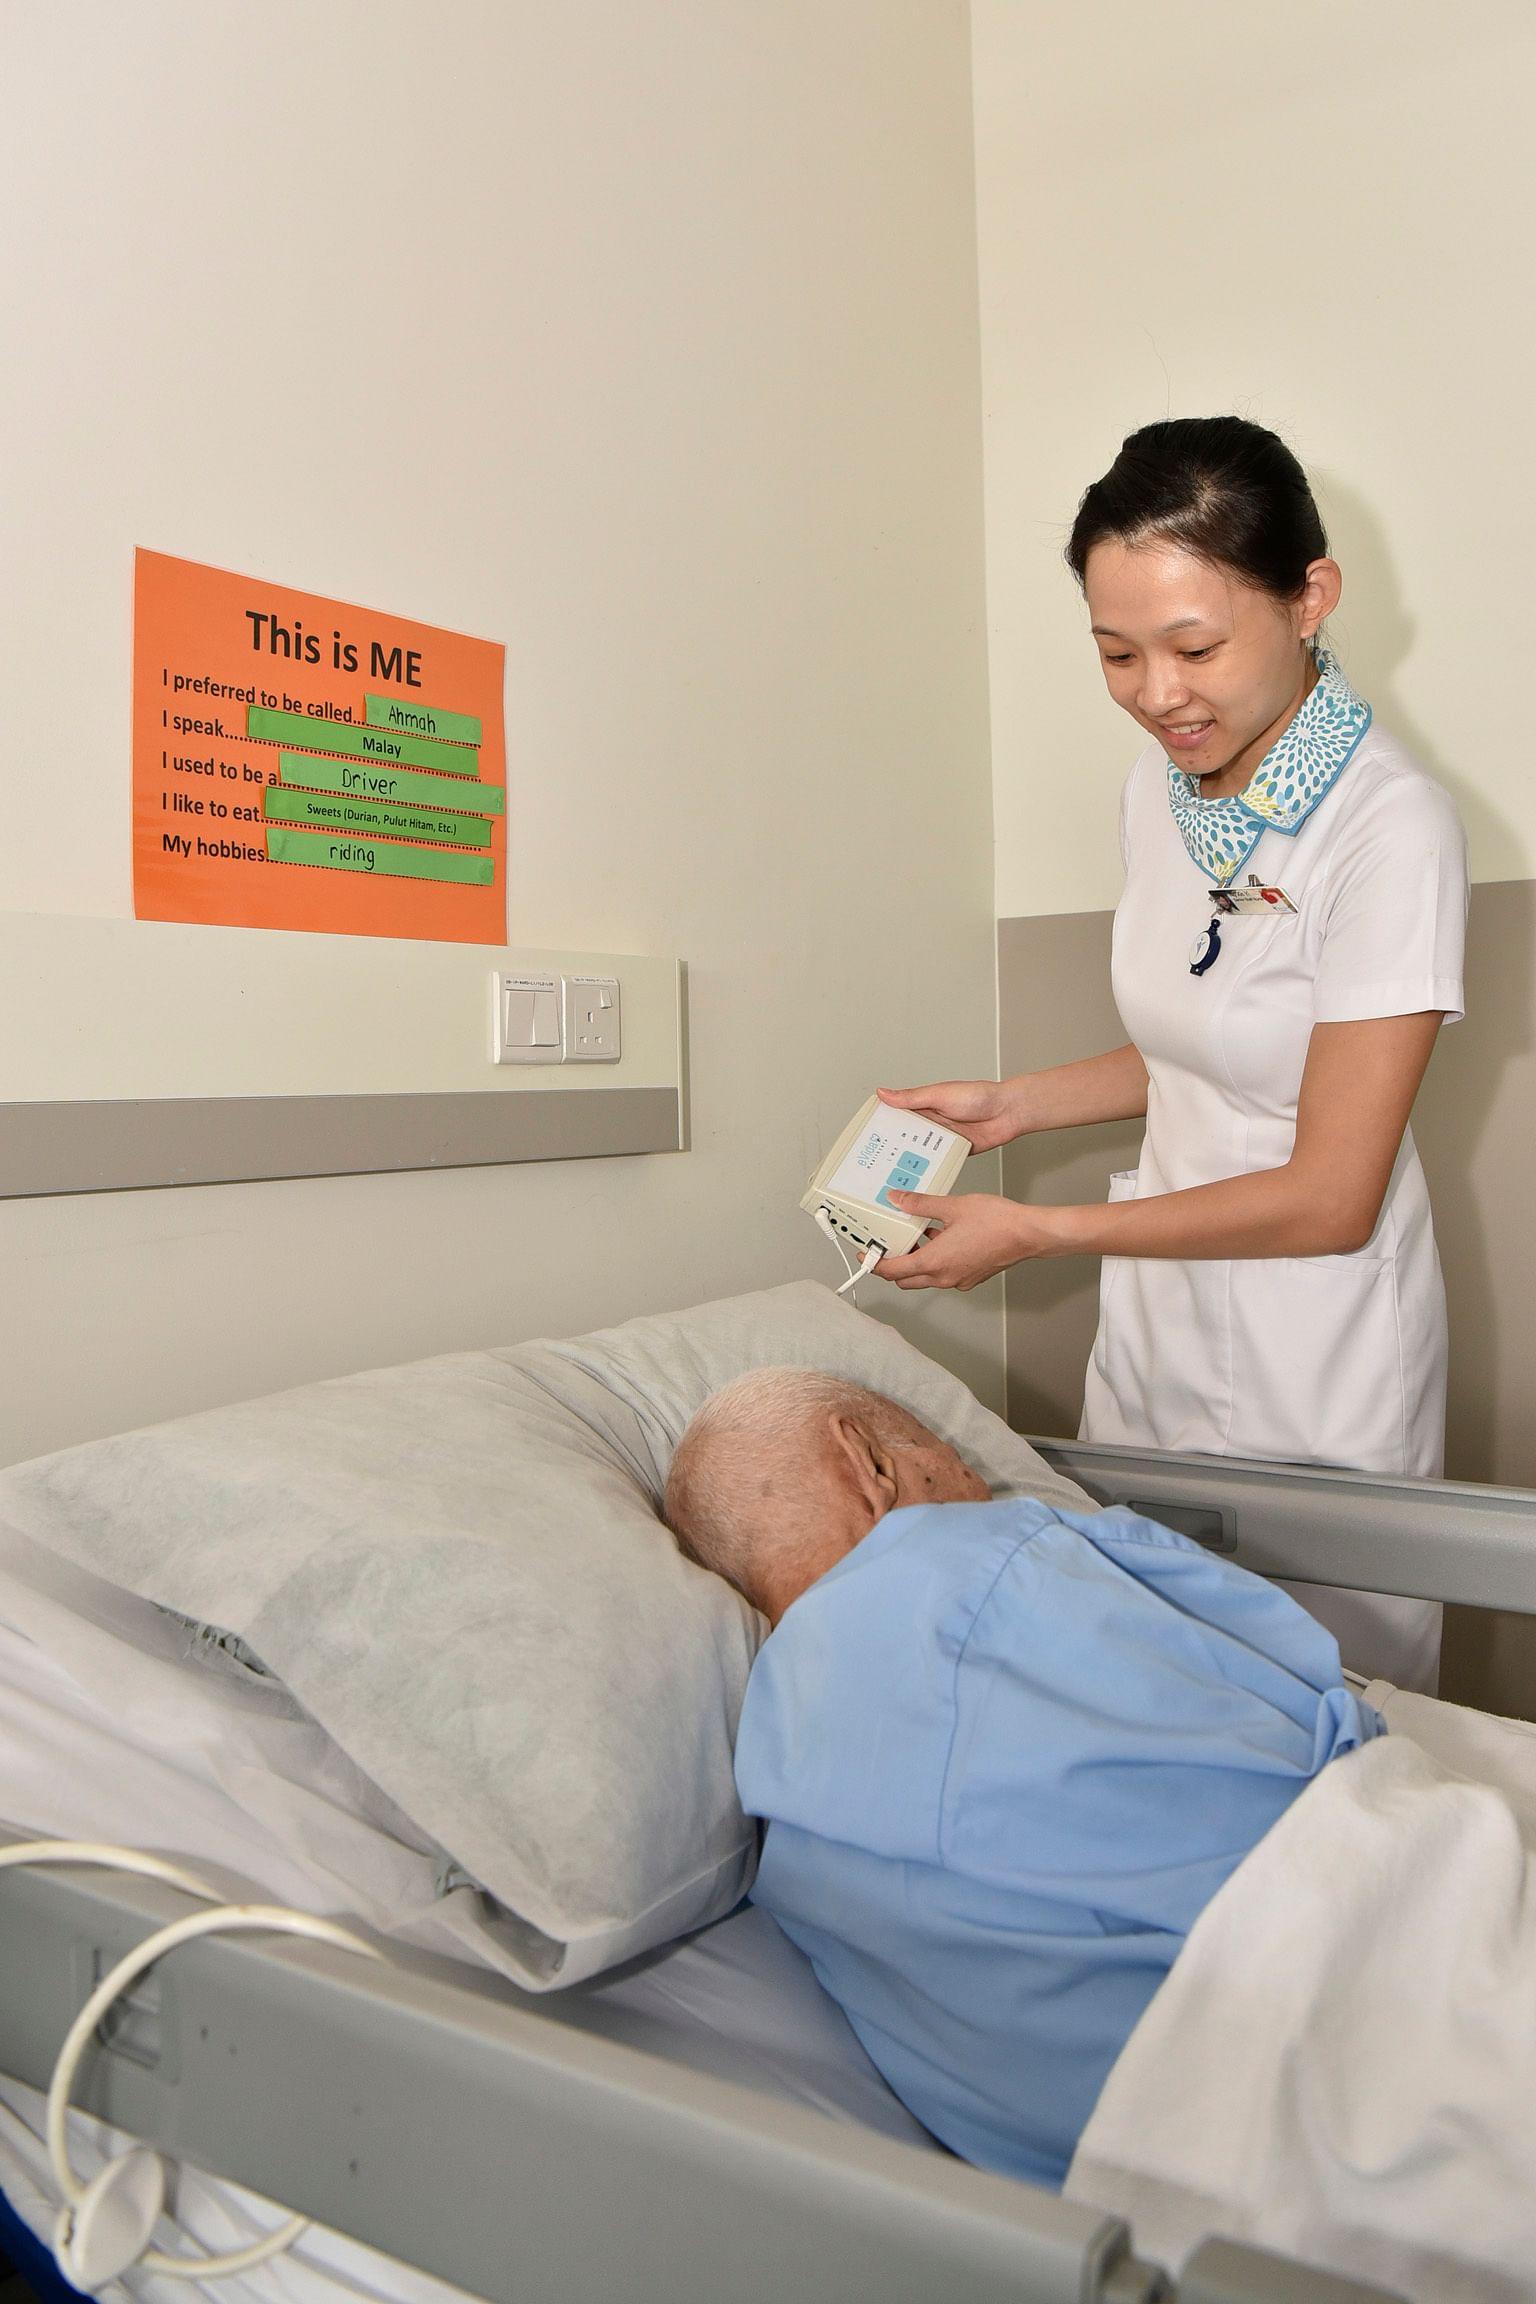 dementia restraint procedures